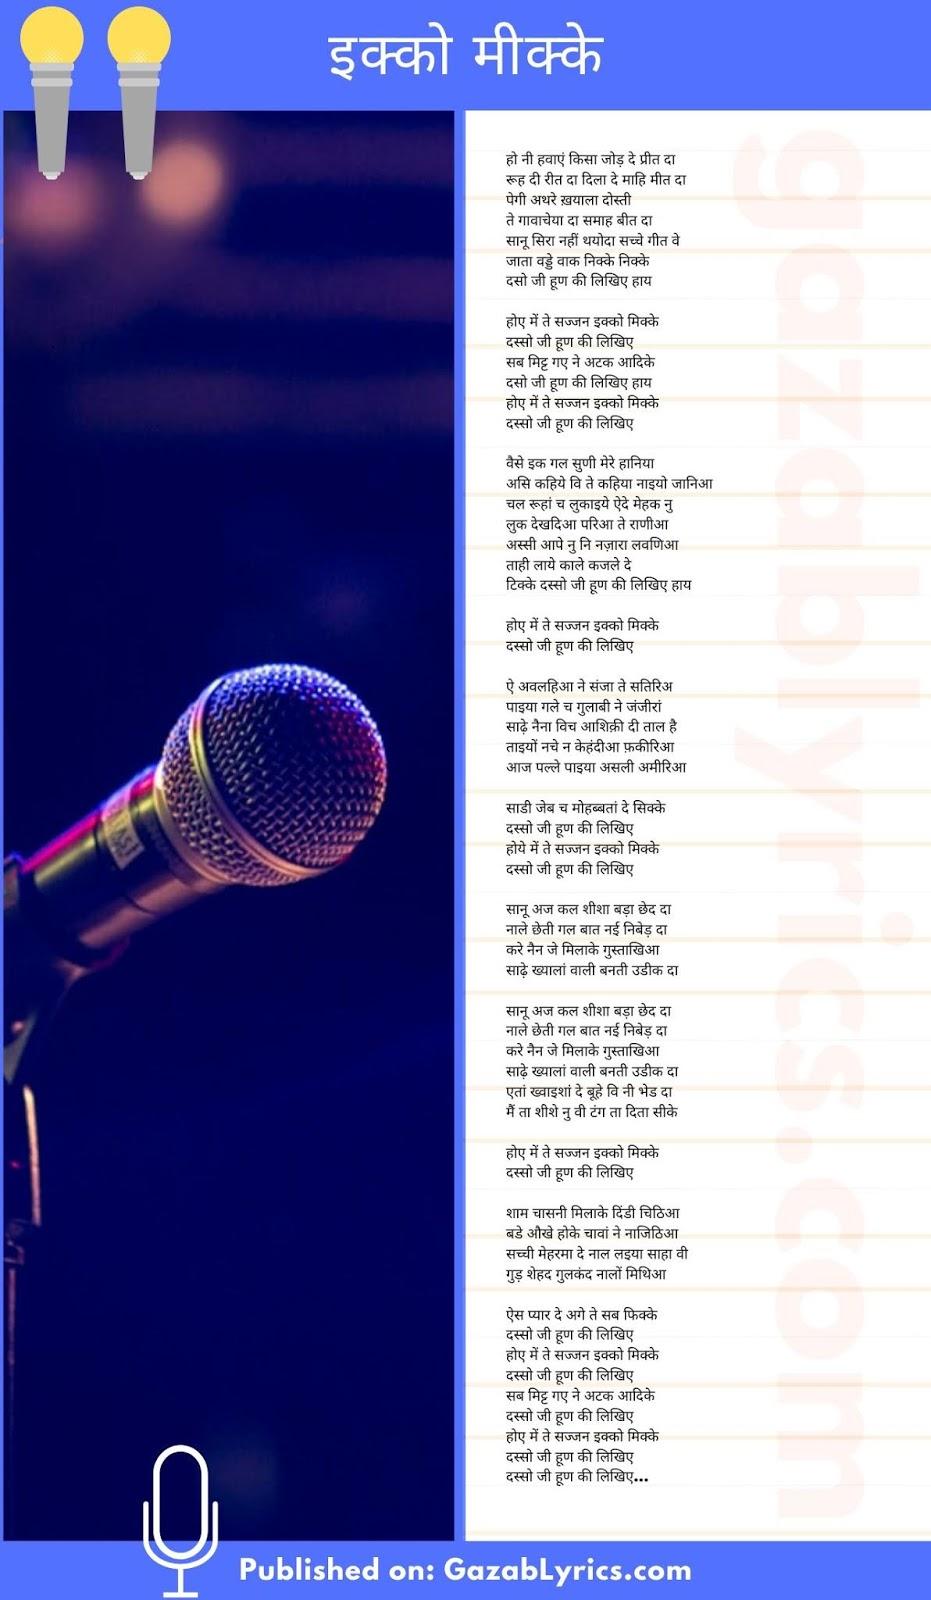 Ikko Mikke song lyrics image